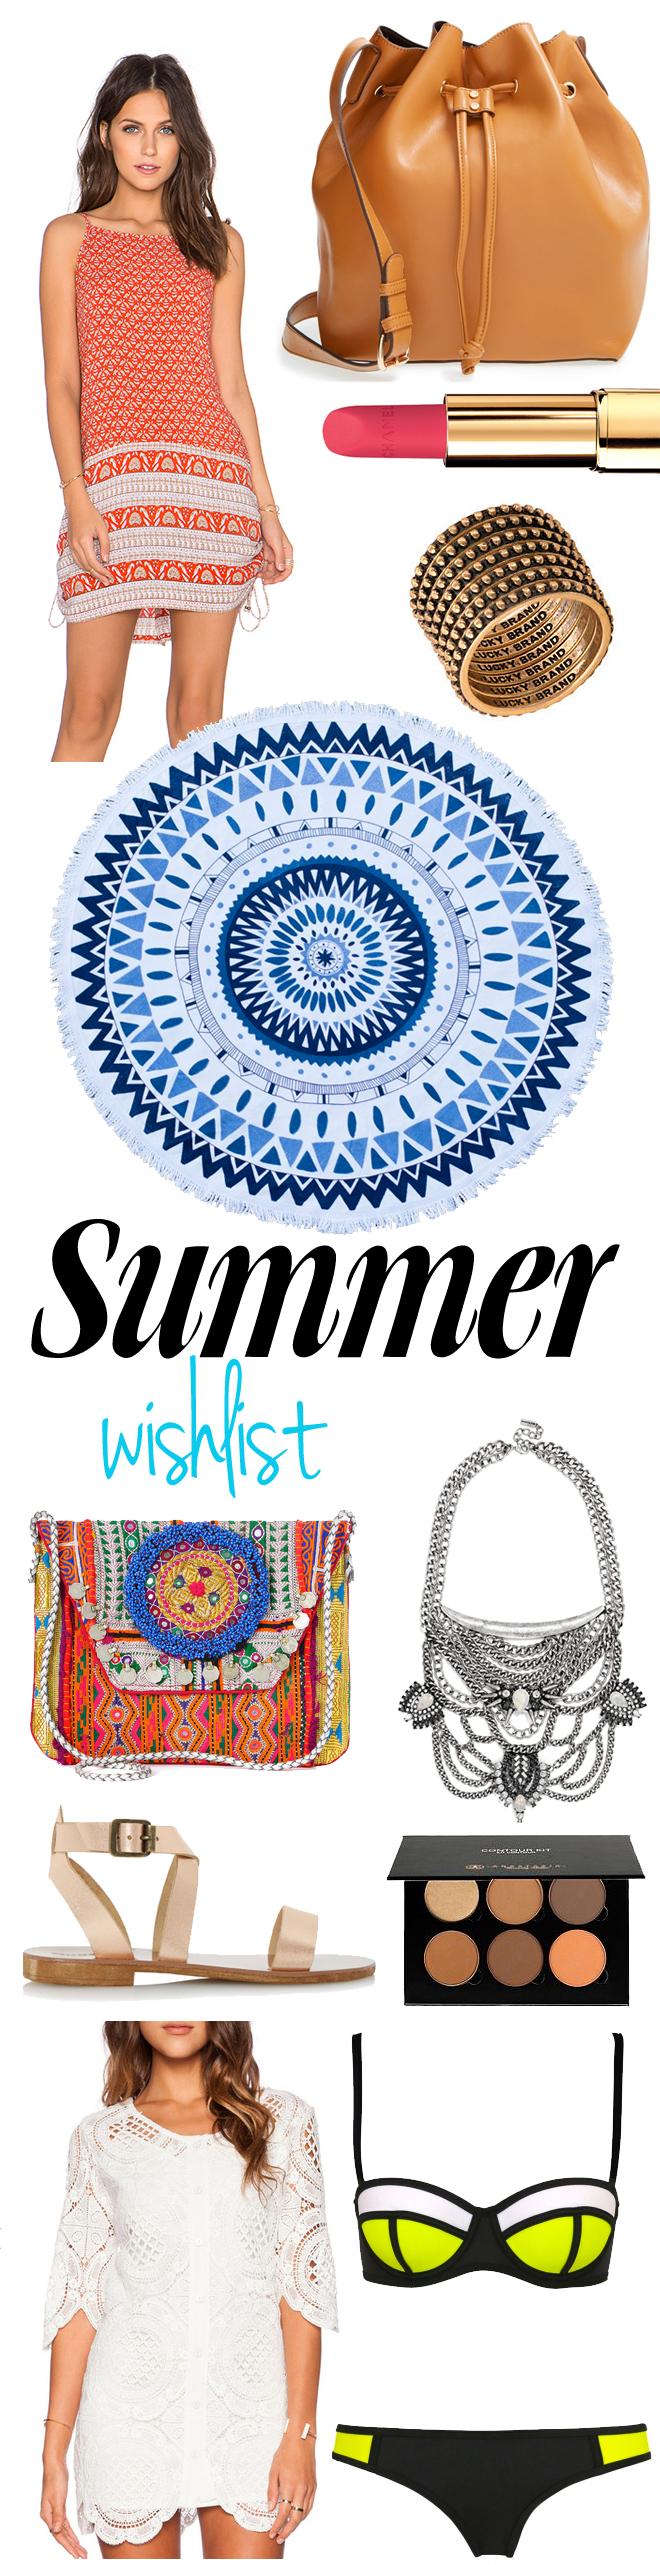 summer-wishlist-august-2015